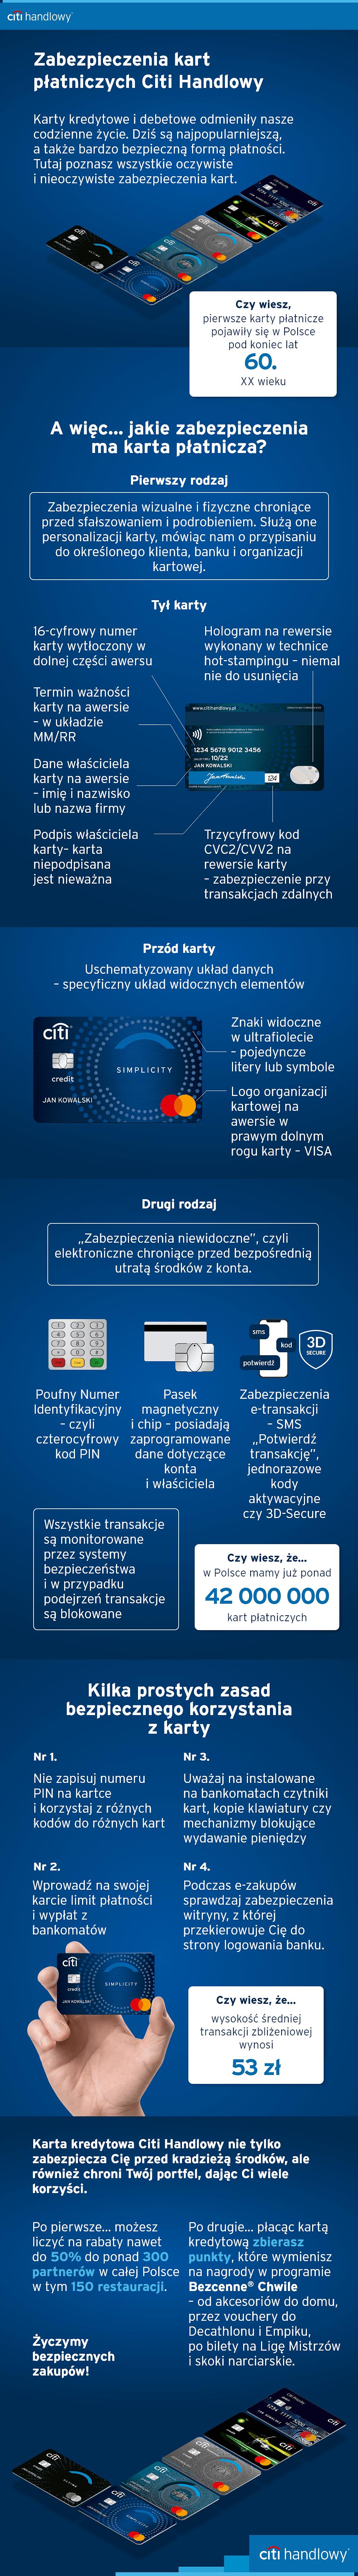 Infografika zabezpieczenia elektroniczne i fizyczne kart płatniczych w Polsce w 2020 roku